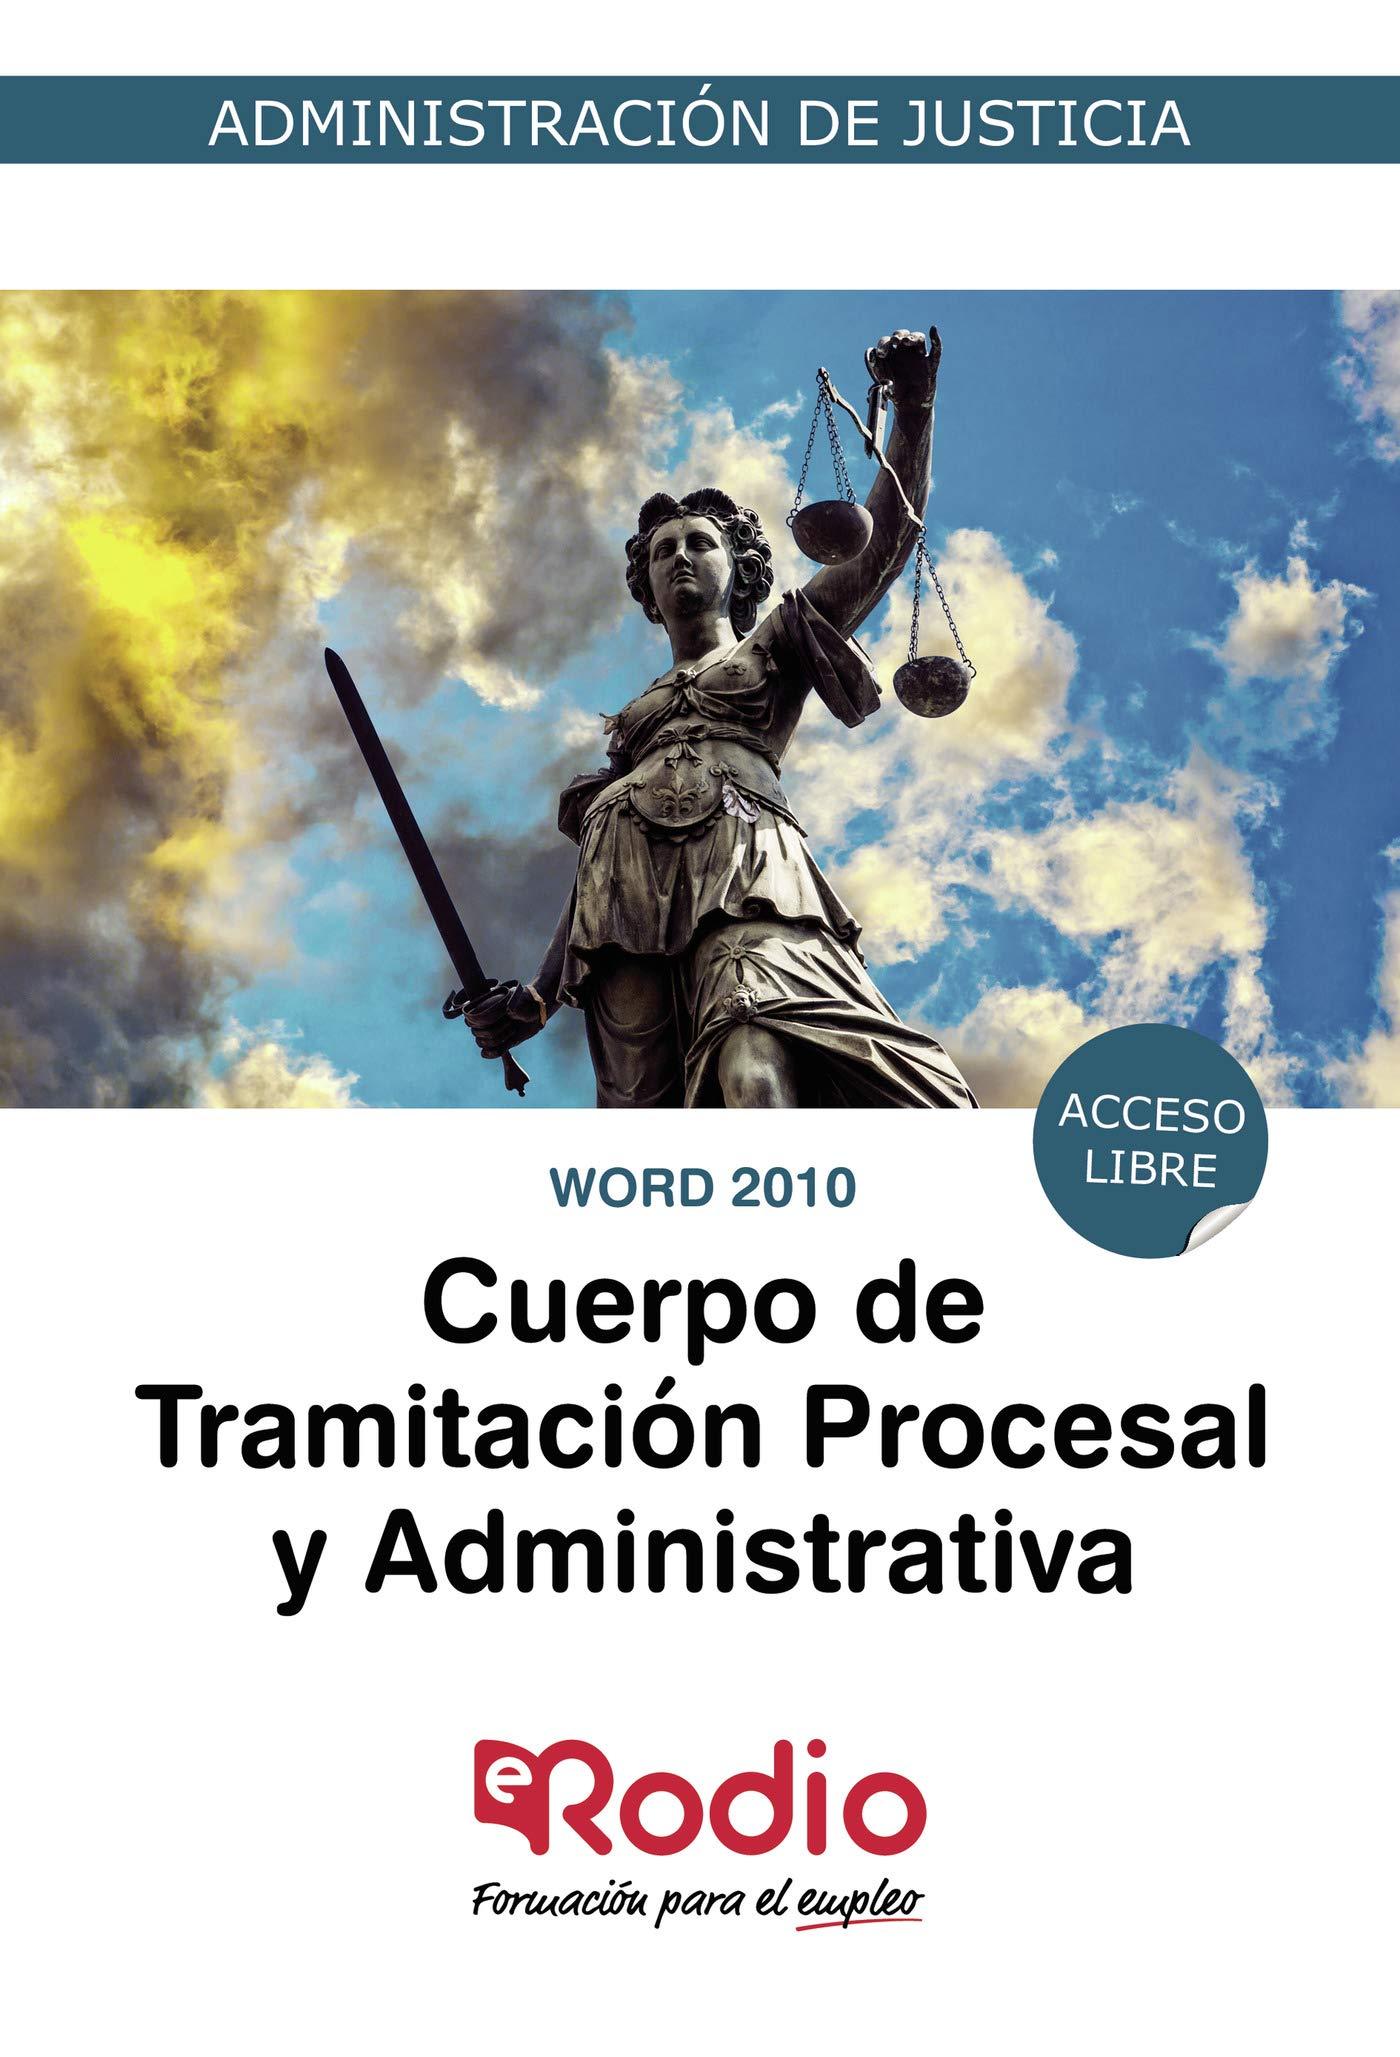 Word 2010 Cuerpo De Tramitación Procesal Y Administrativa Acceso Libre Administración De Justicia Spanish Edition Autores Varios 9788418331008 Books